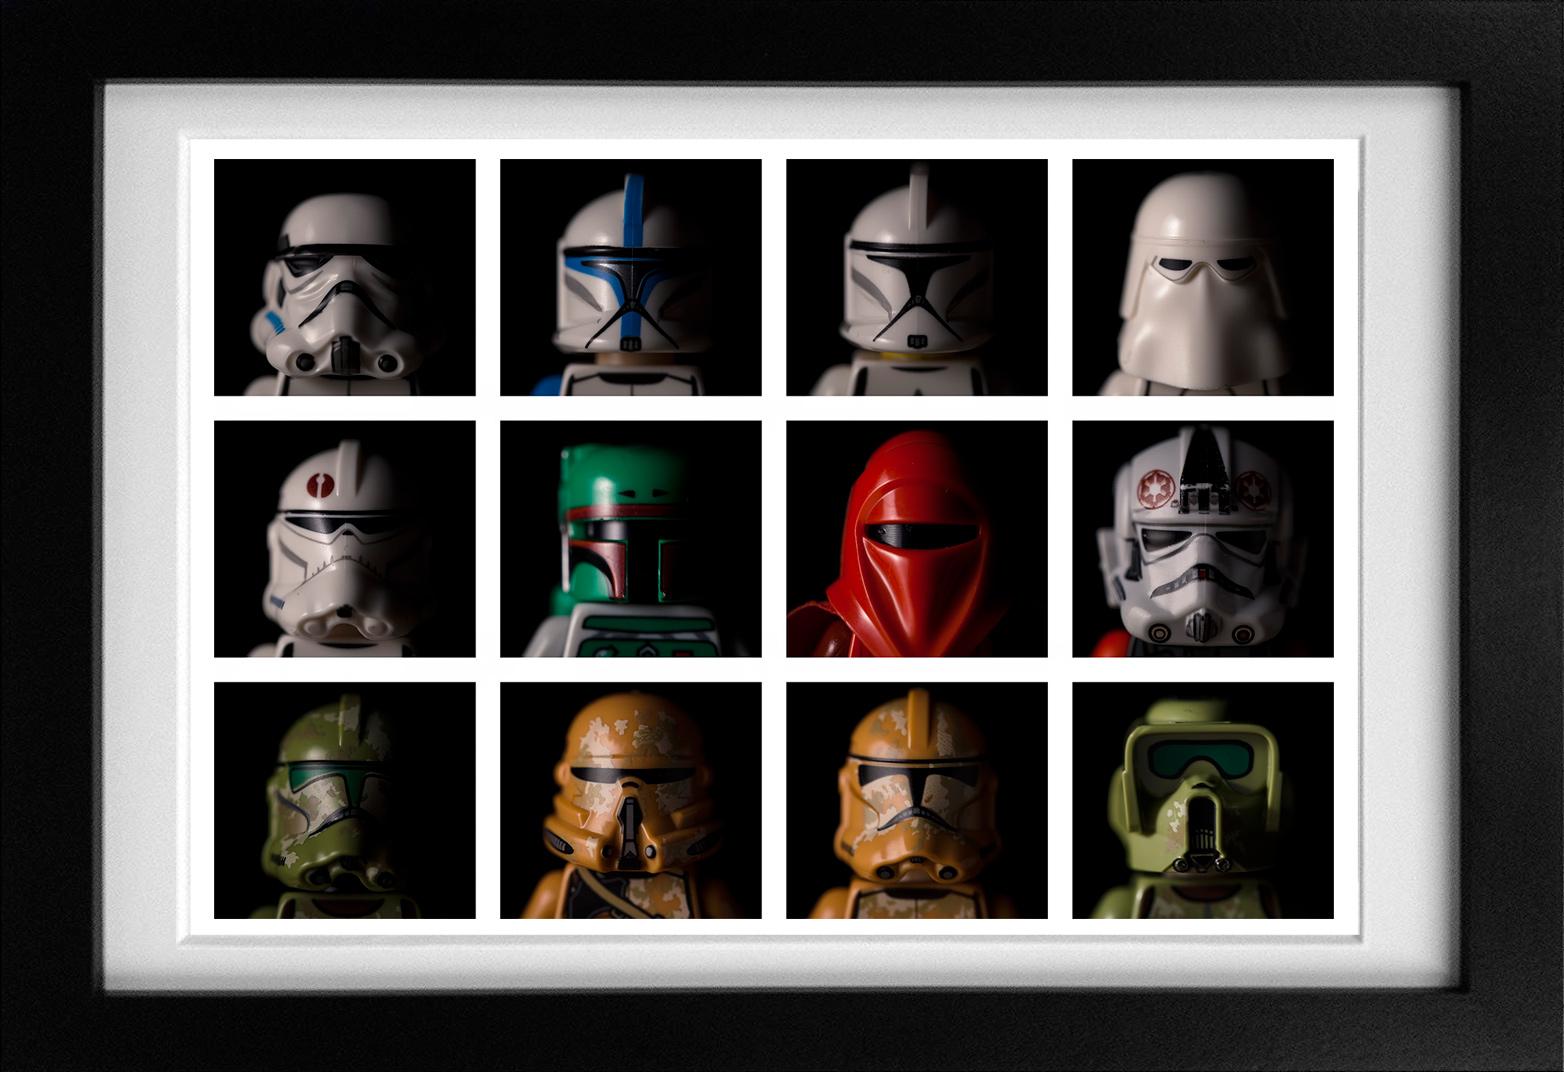 StarWars_Poster_Print_Framed.jpg